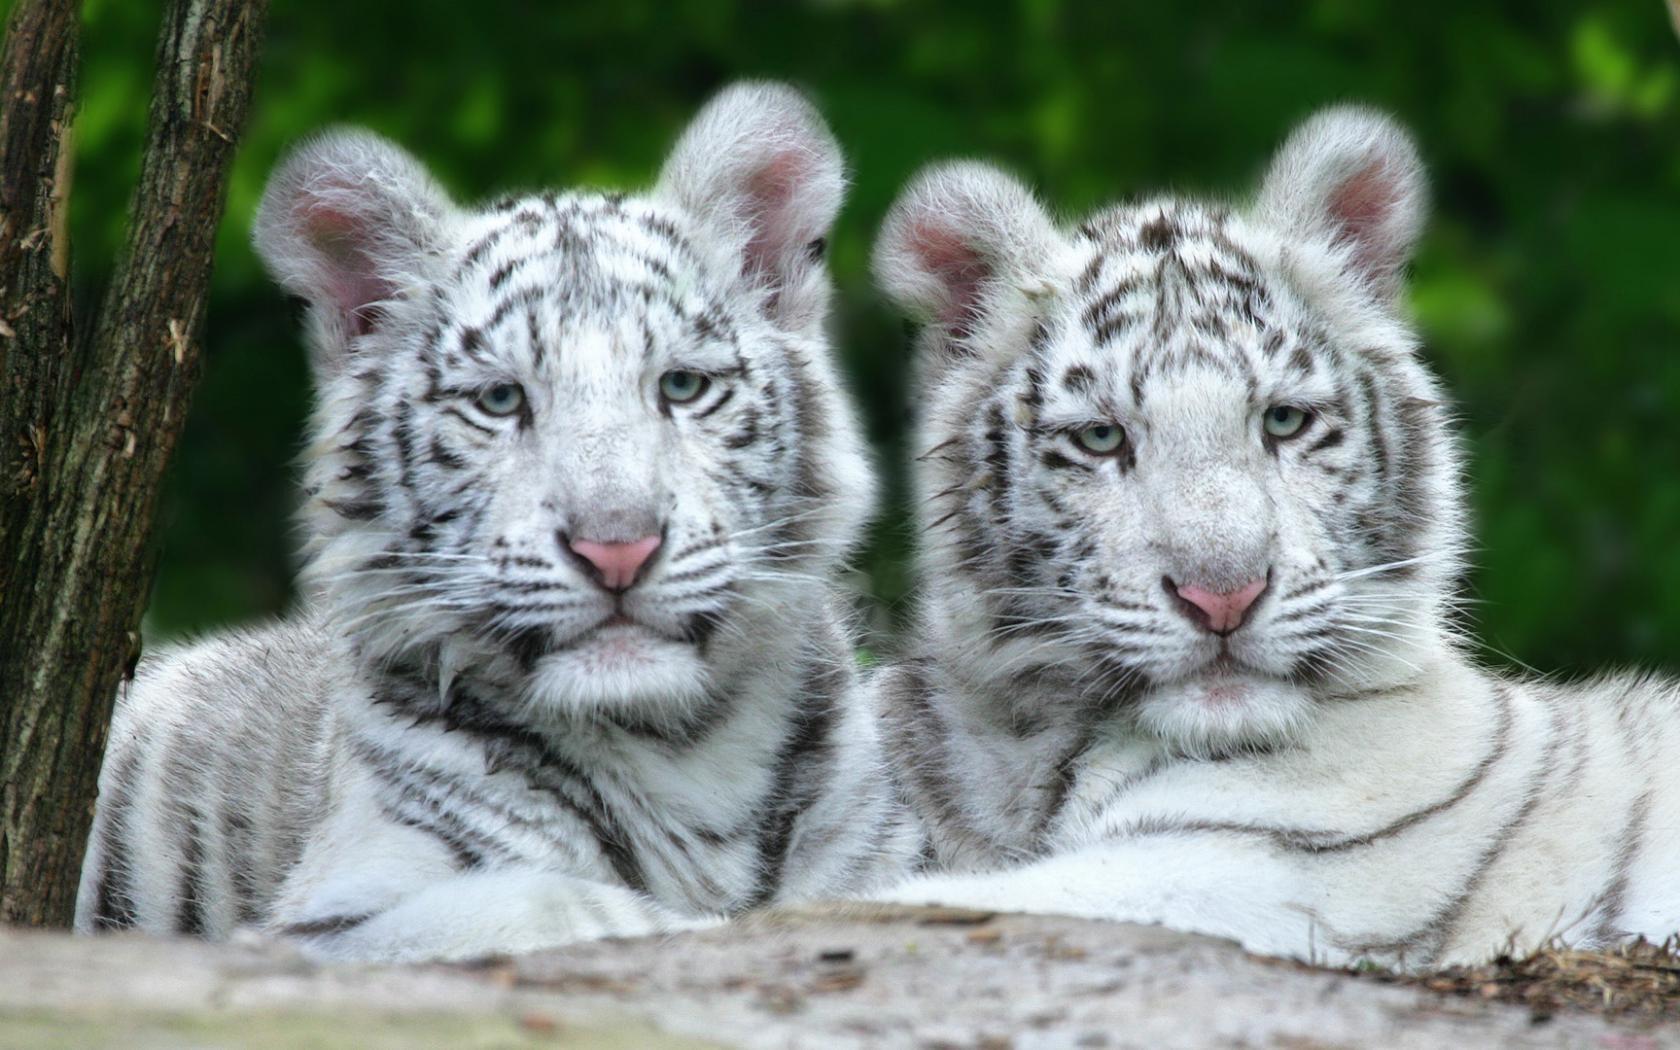 Тигрята на рабочий стол картинки (19)